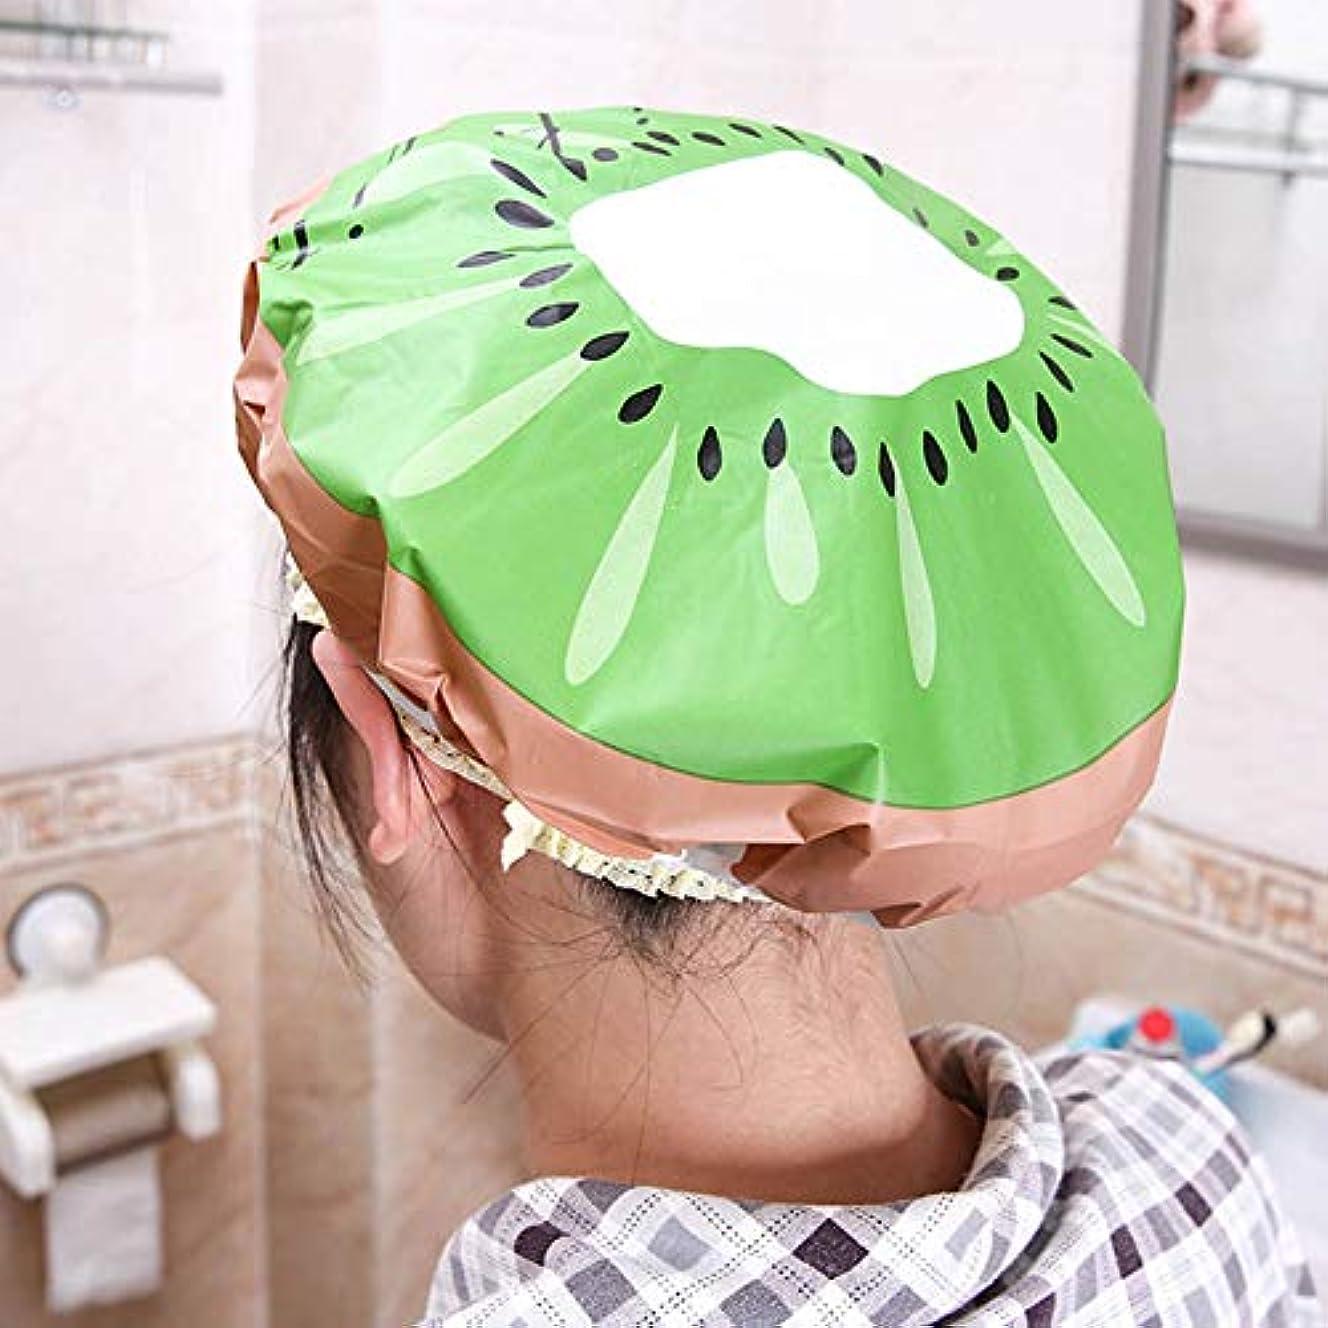 気晴らし想定妨げるLULAA シャワーキャップ ヘアキャップ シャワー 洗顔 入浴 お風呂 プール 銭湯用 髪を染める 美容室 バス用品 フルーツのデザイン 可愛い